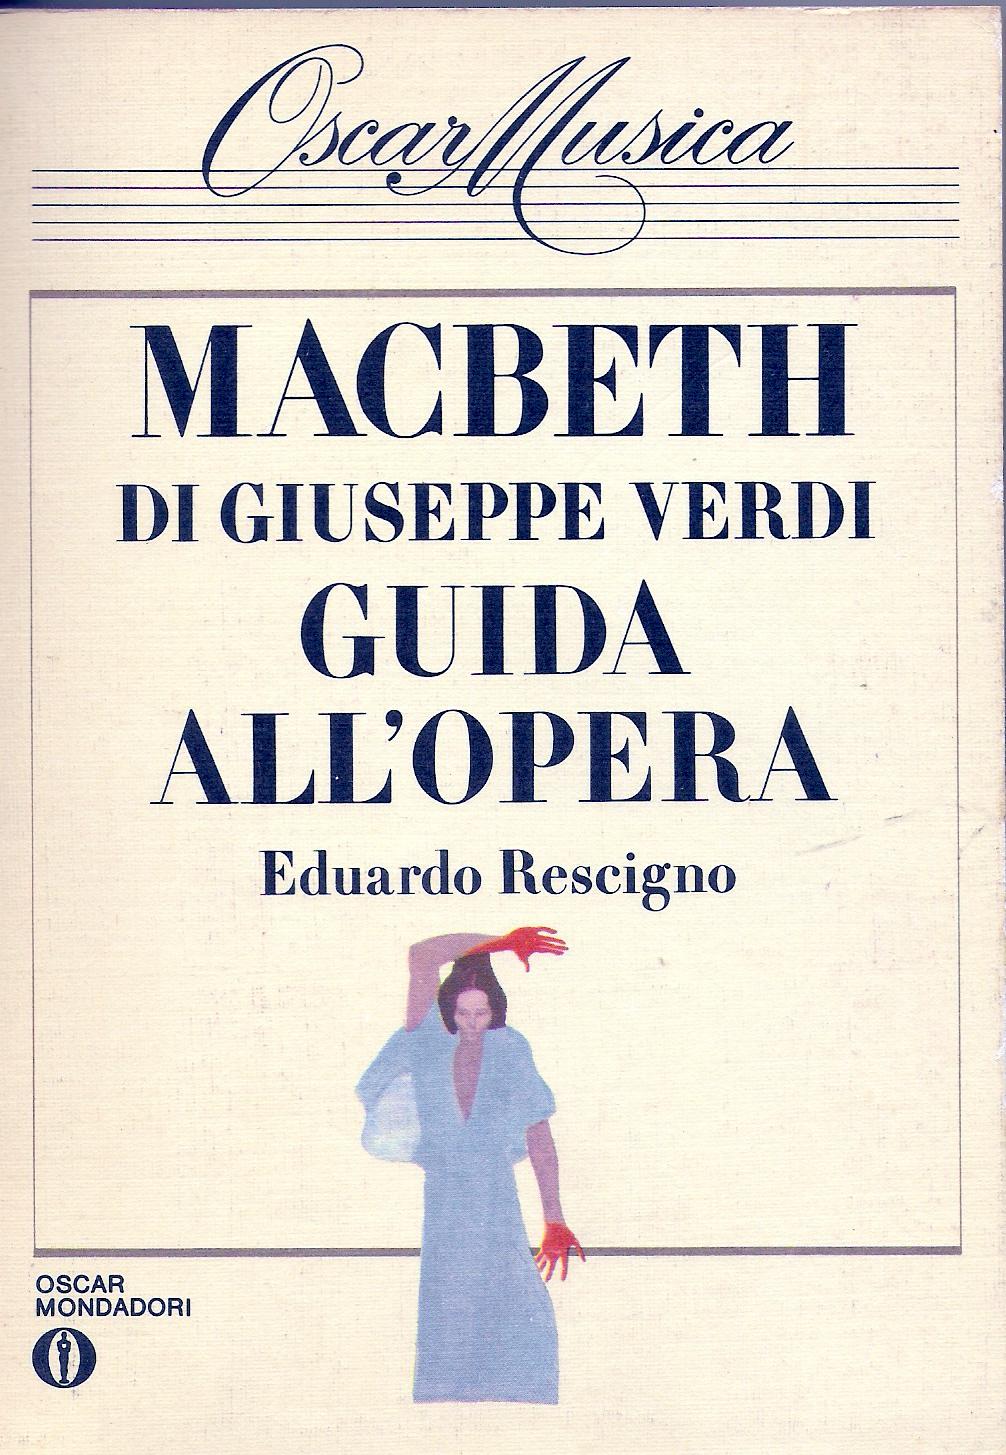 Macbeth di Giuseppe Verdi : guida all'opera